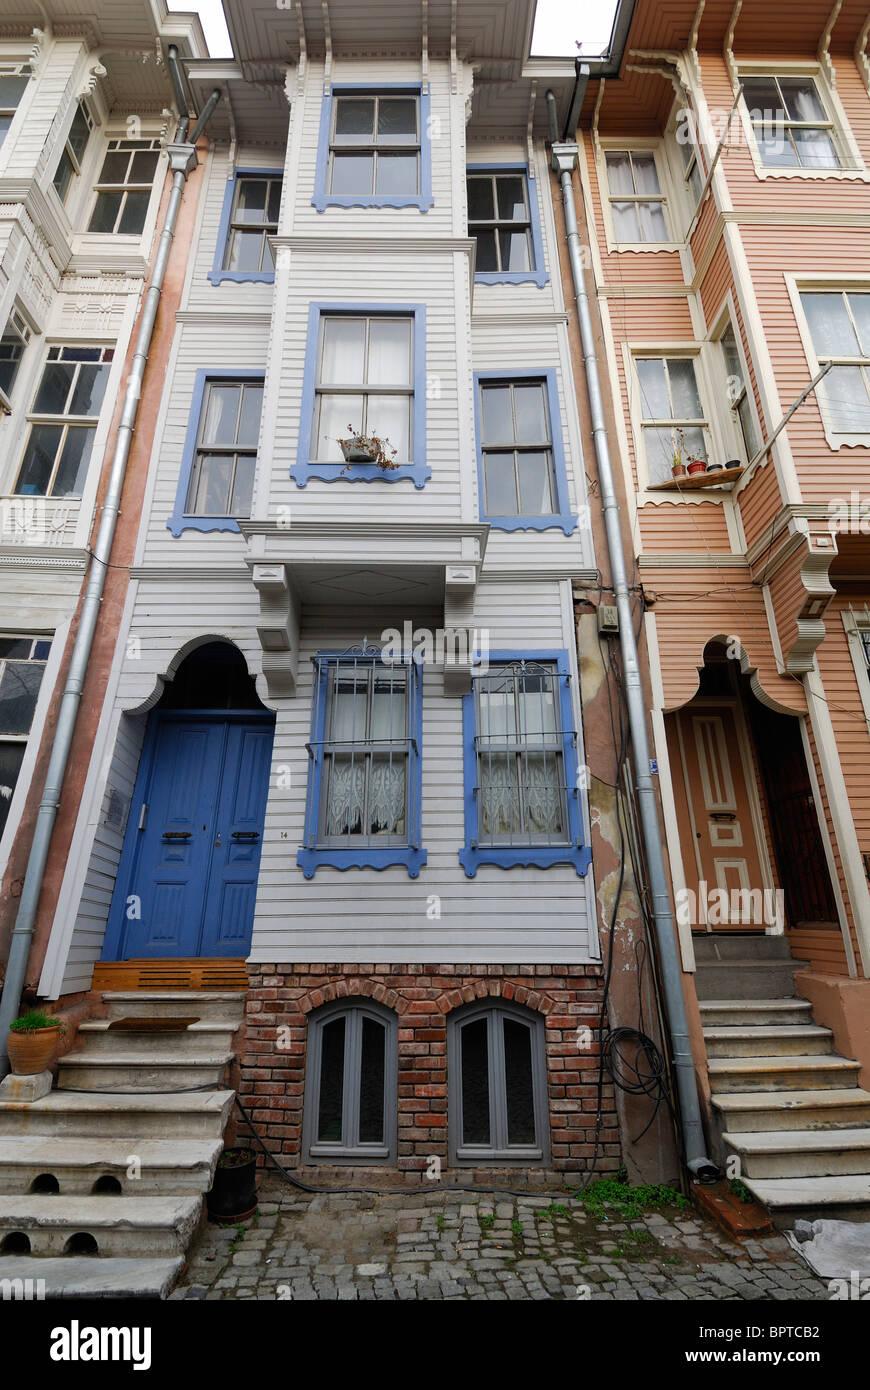 Istanbul. La Turchia. Tradizionale ottomano era costruzioni di legno nel distretto di Suleymaniye. Immagini Stock